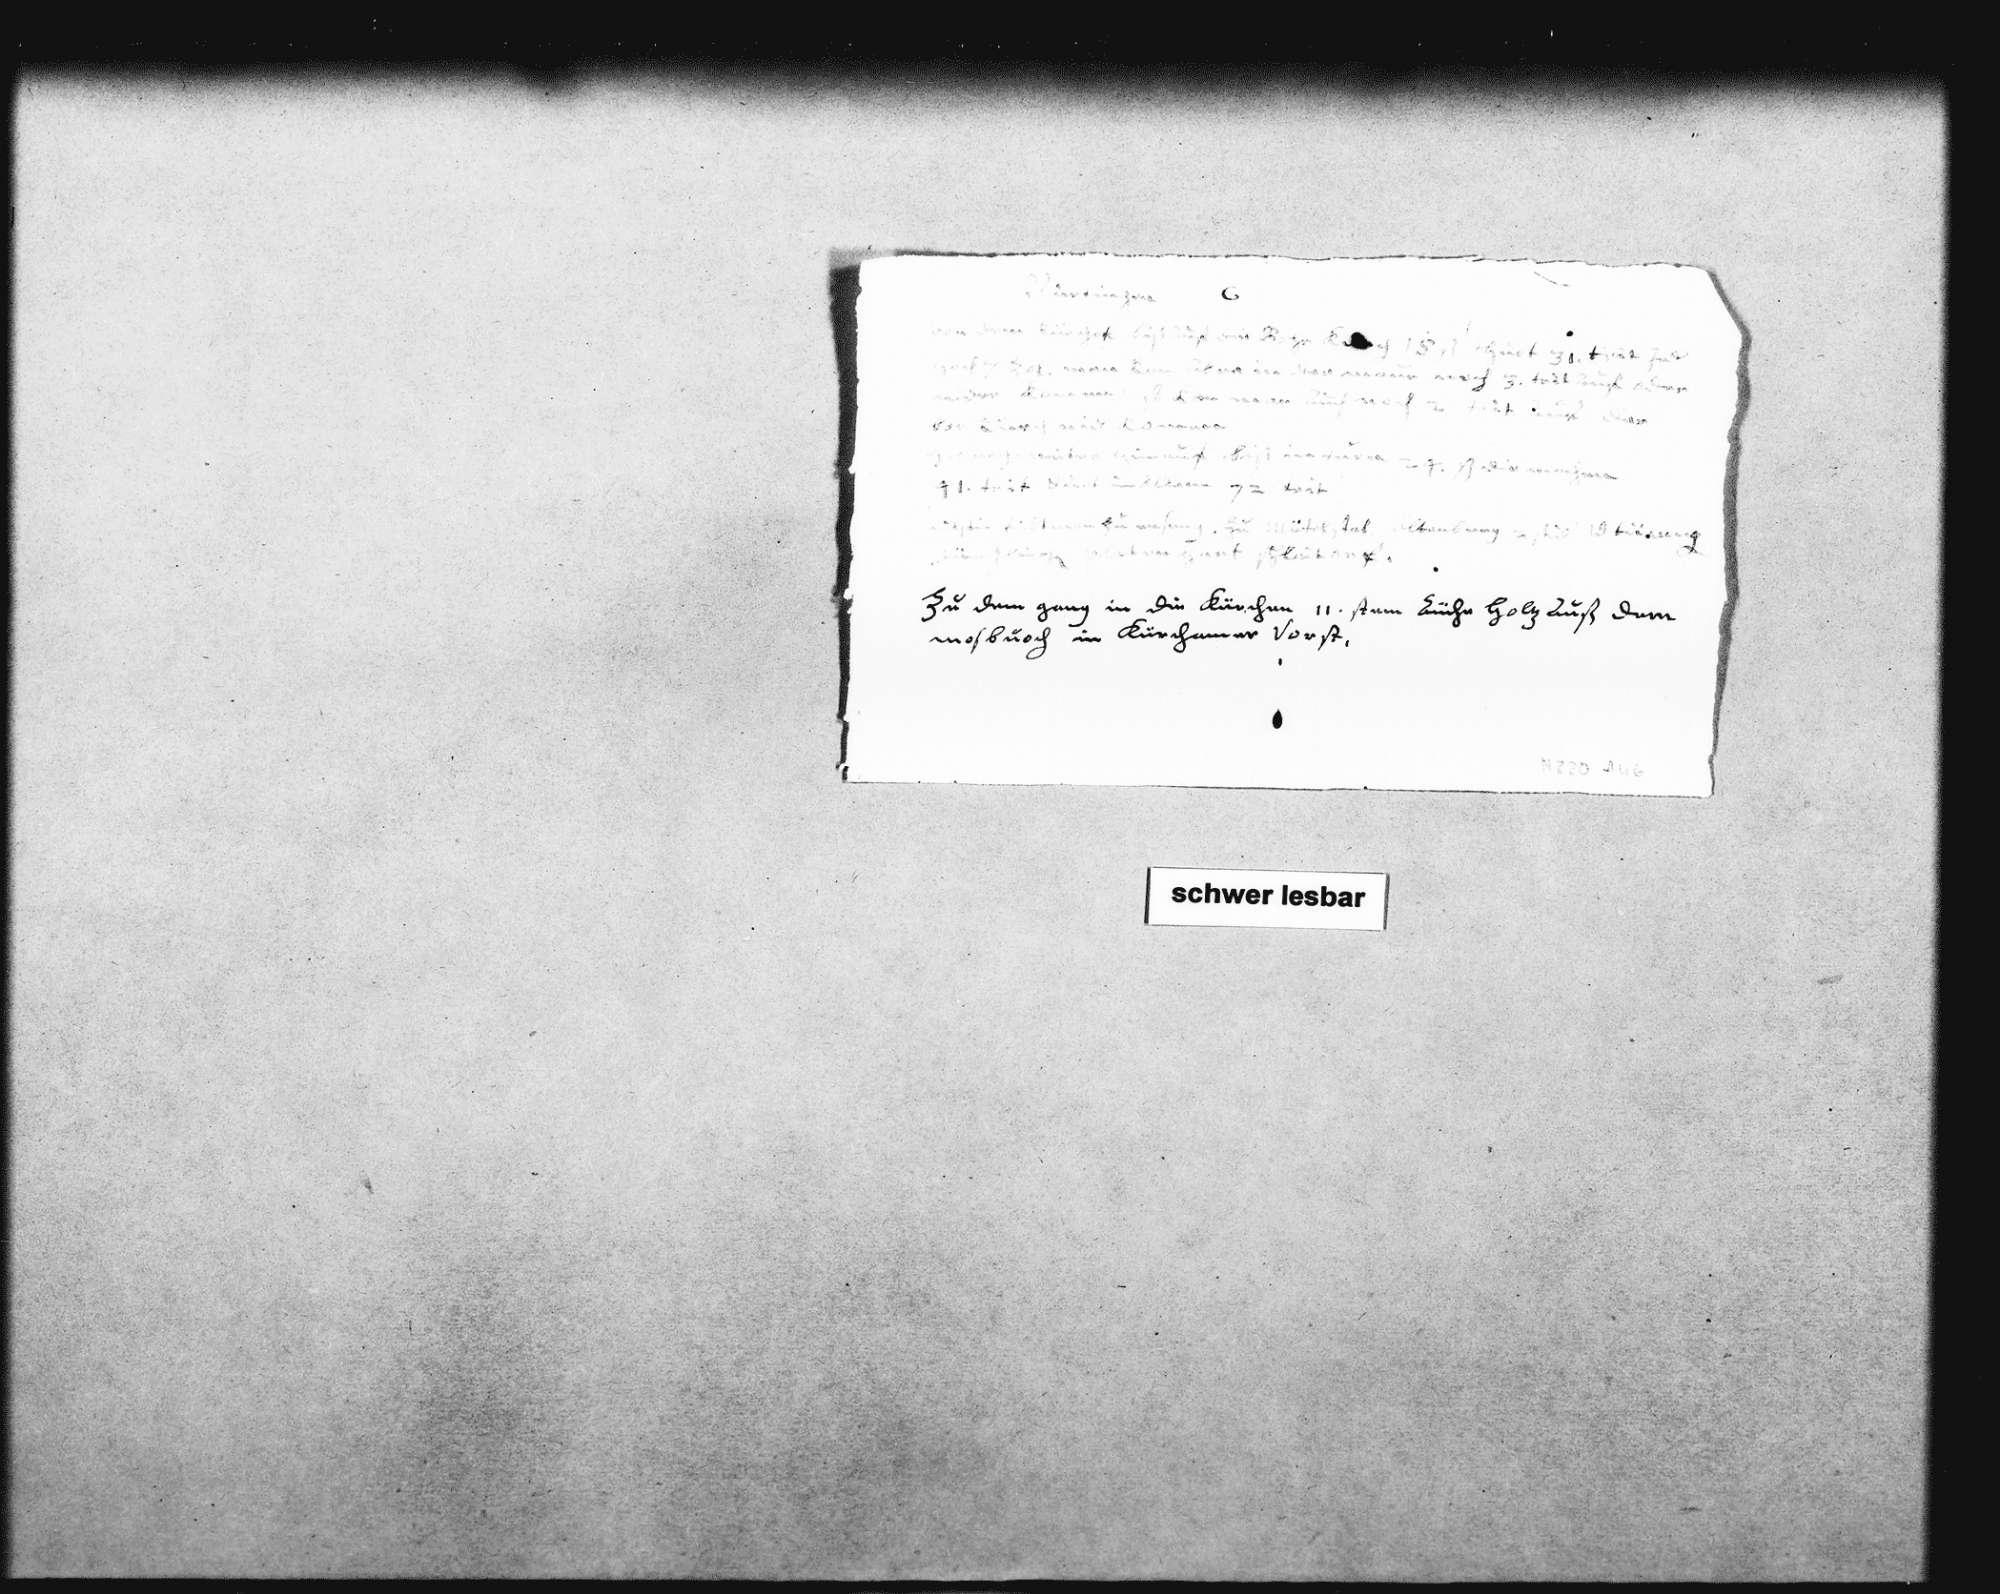 Schreiben Schickhardts auf Befehl der Herzogin Ursula von Württemberg über die Einstellung des Maurers Hans Hering (Folio Doppelblatt), Bild 3